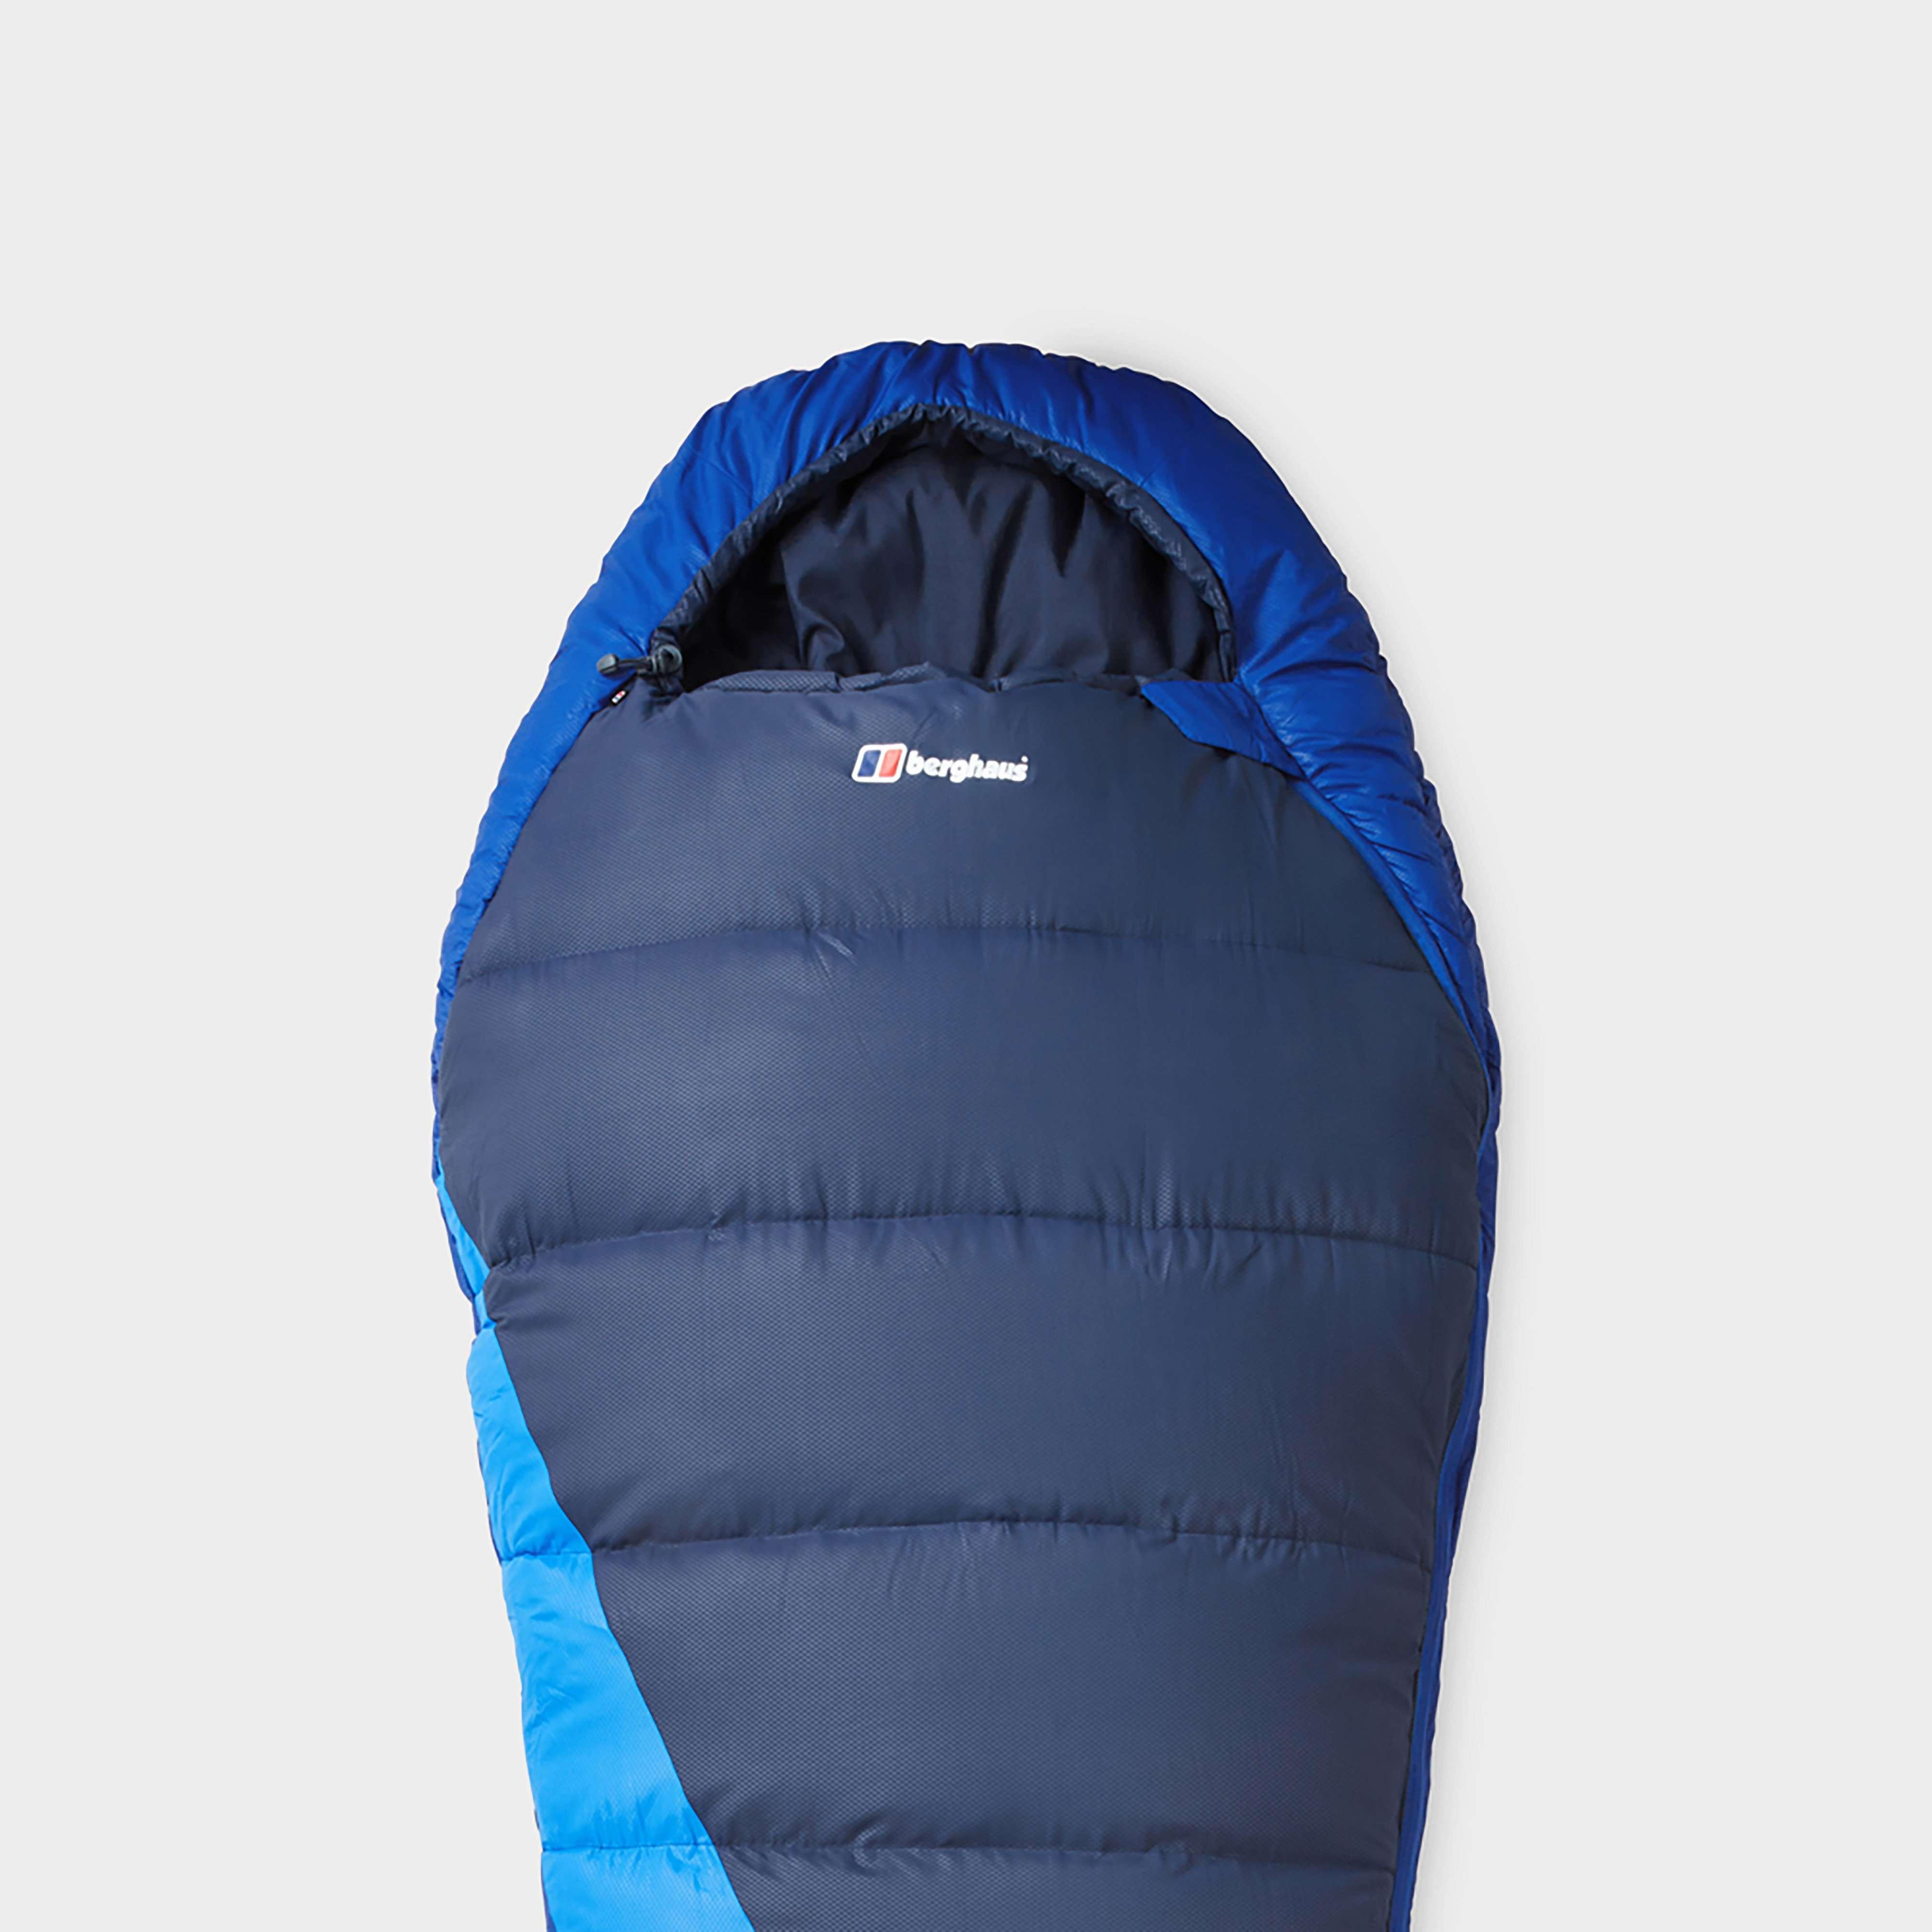 BERGHAUS Men's Transition 200XL Sleeping Bag